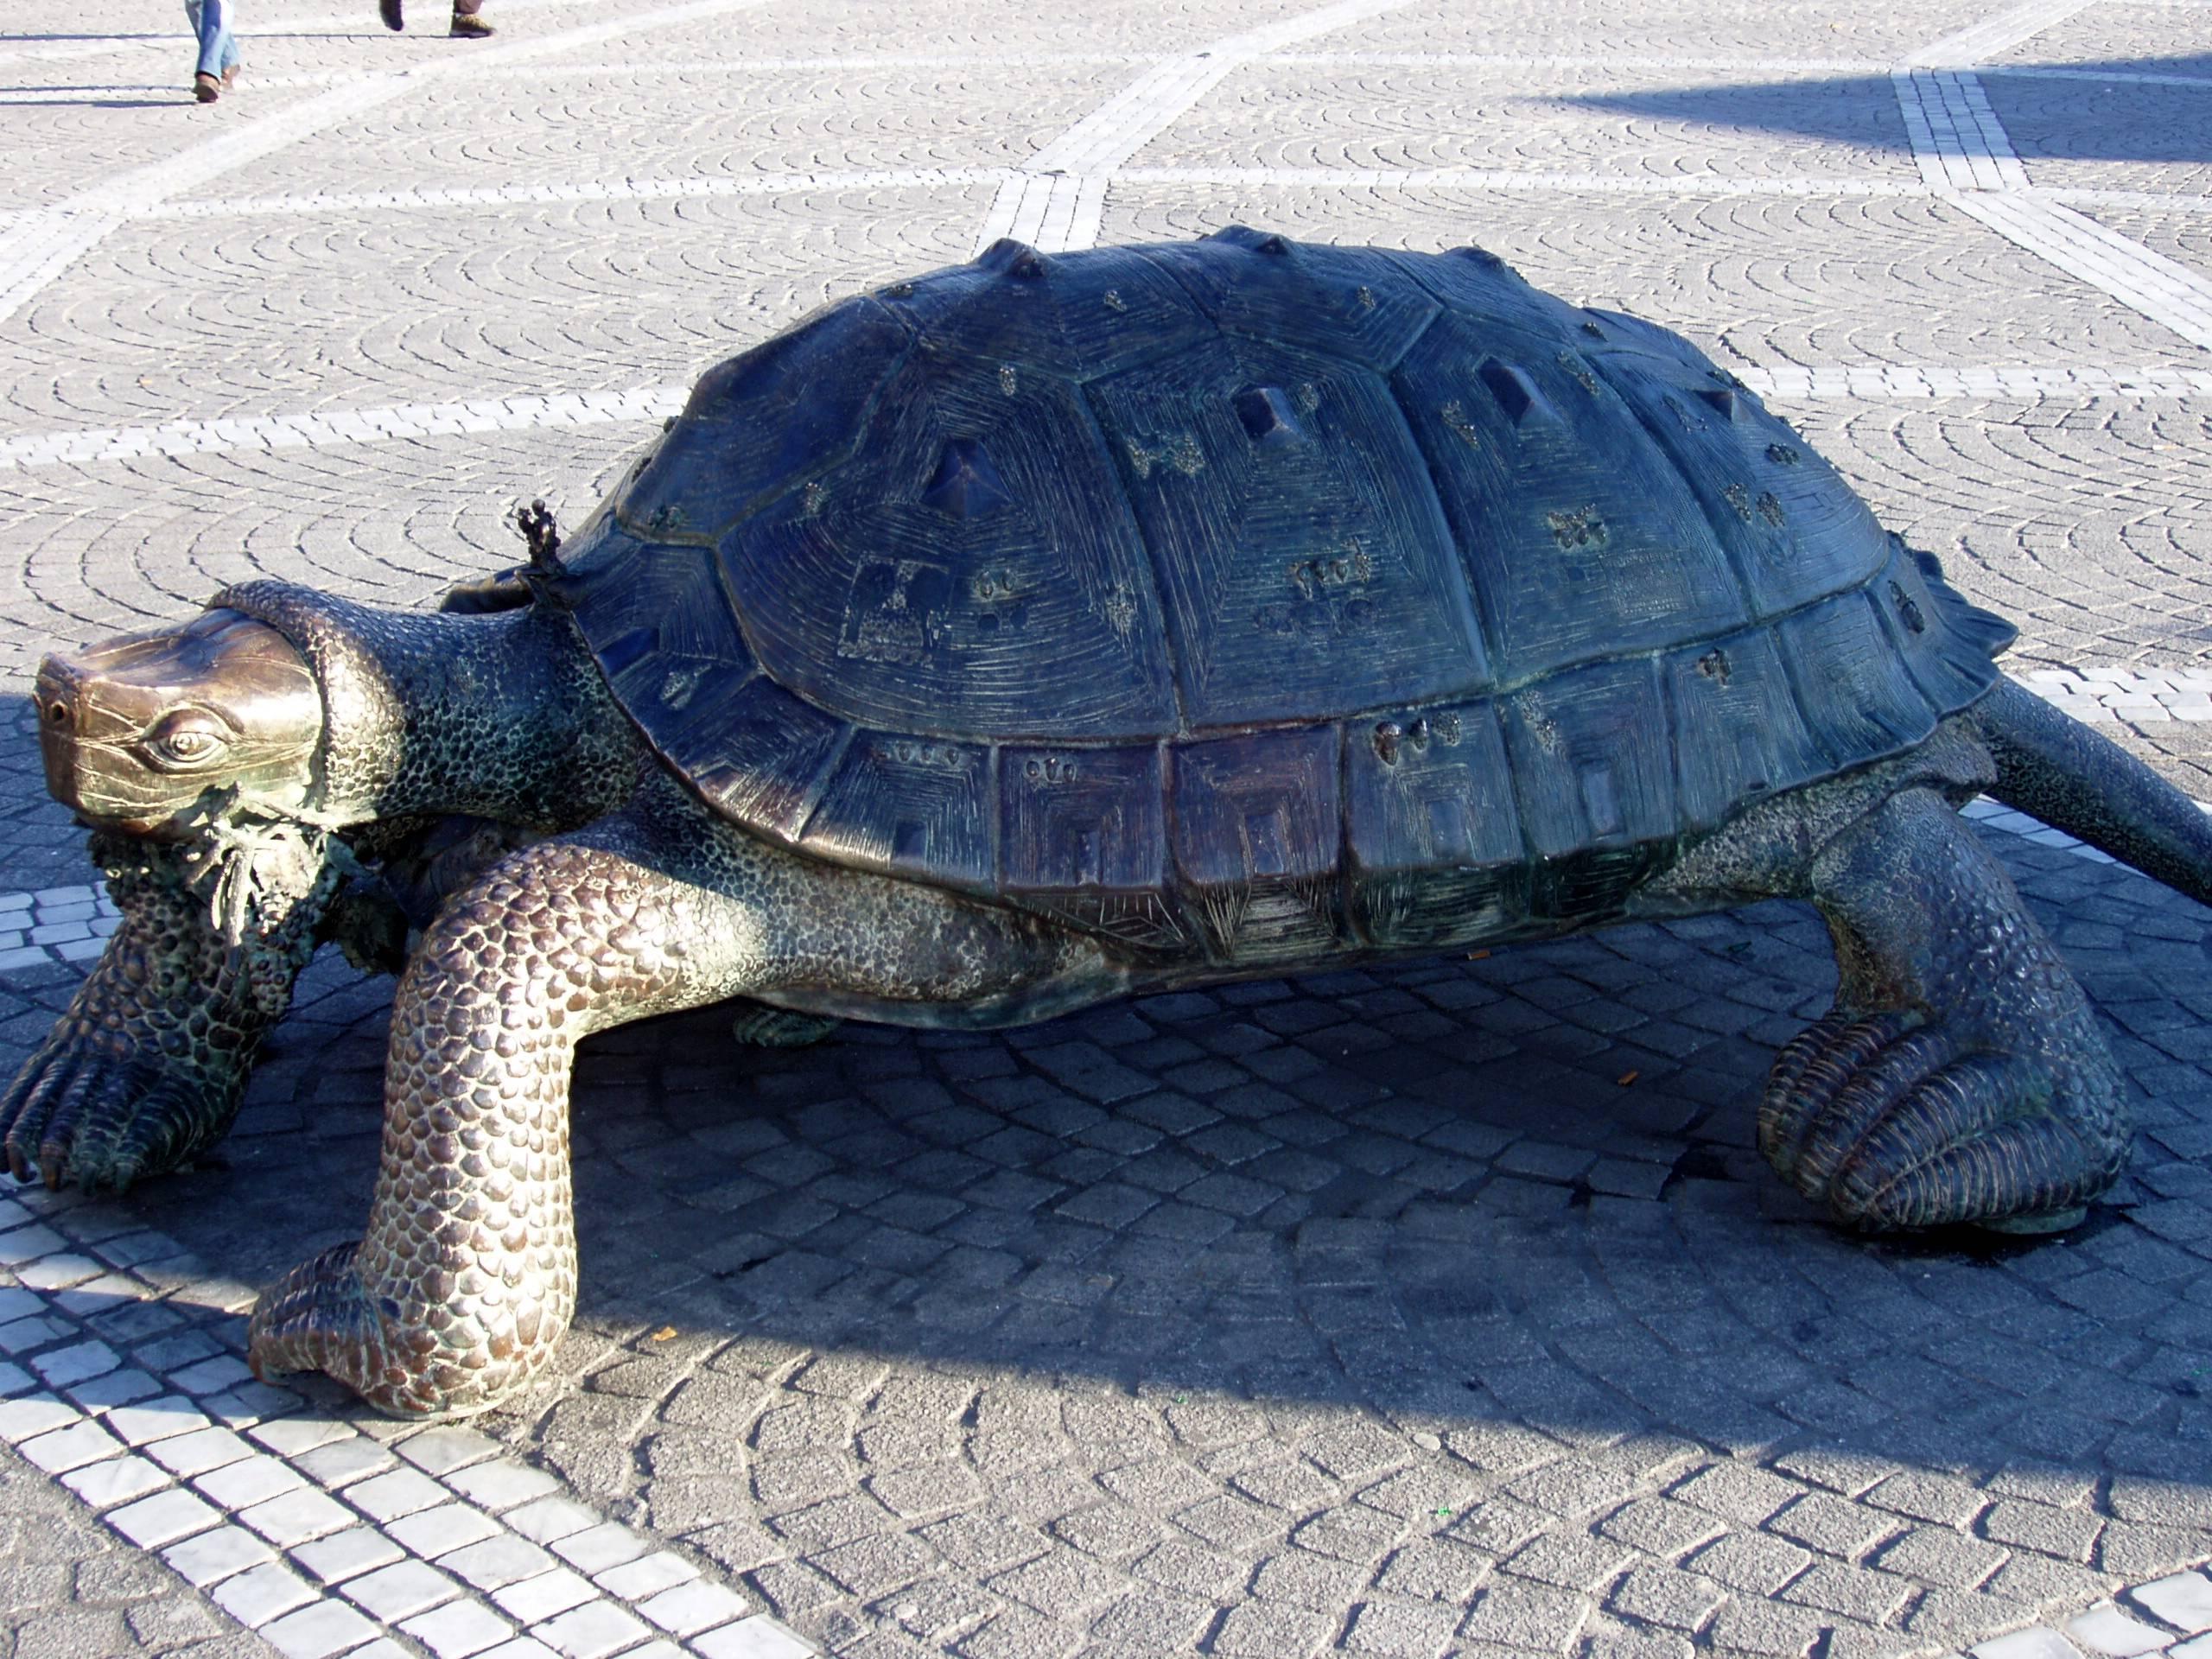 Tolle Schildkröte Vorlage Druckbar Galerie - Beispielzusammenfassung ...